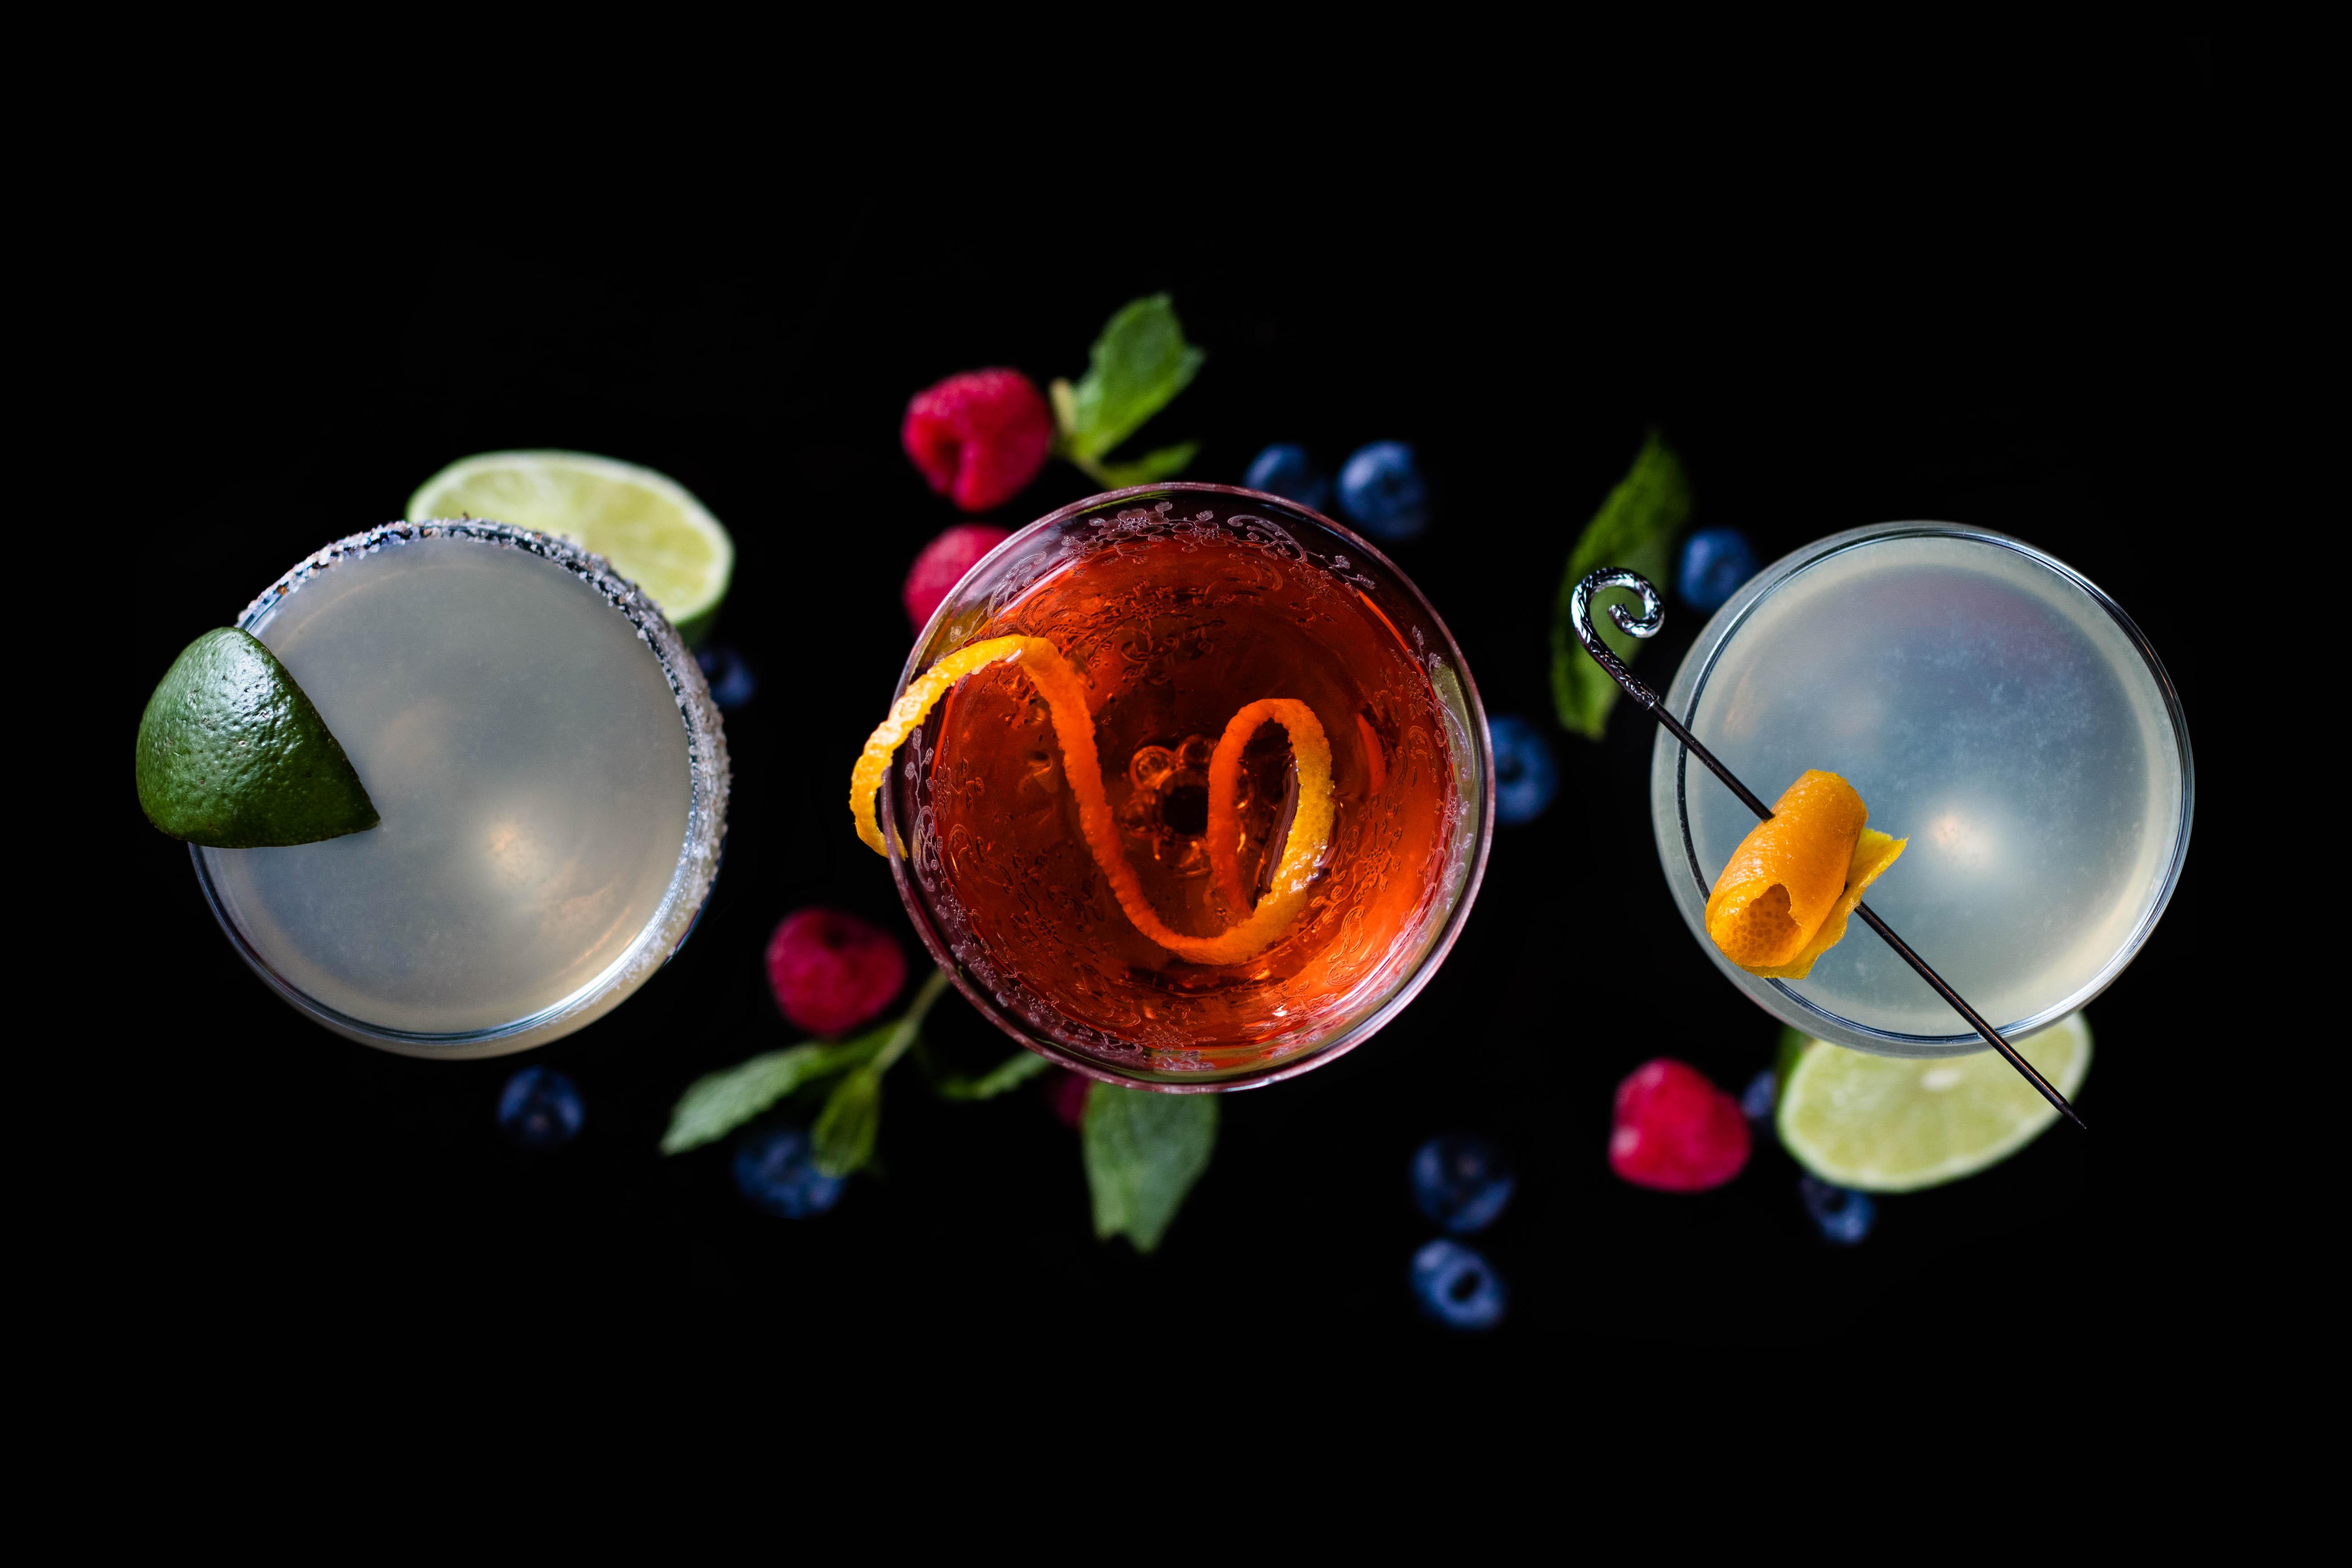 Cocktails at Bar 1919